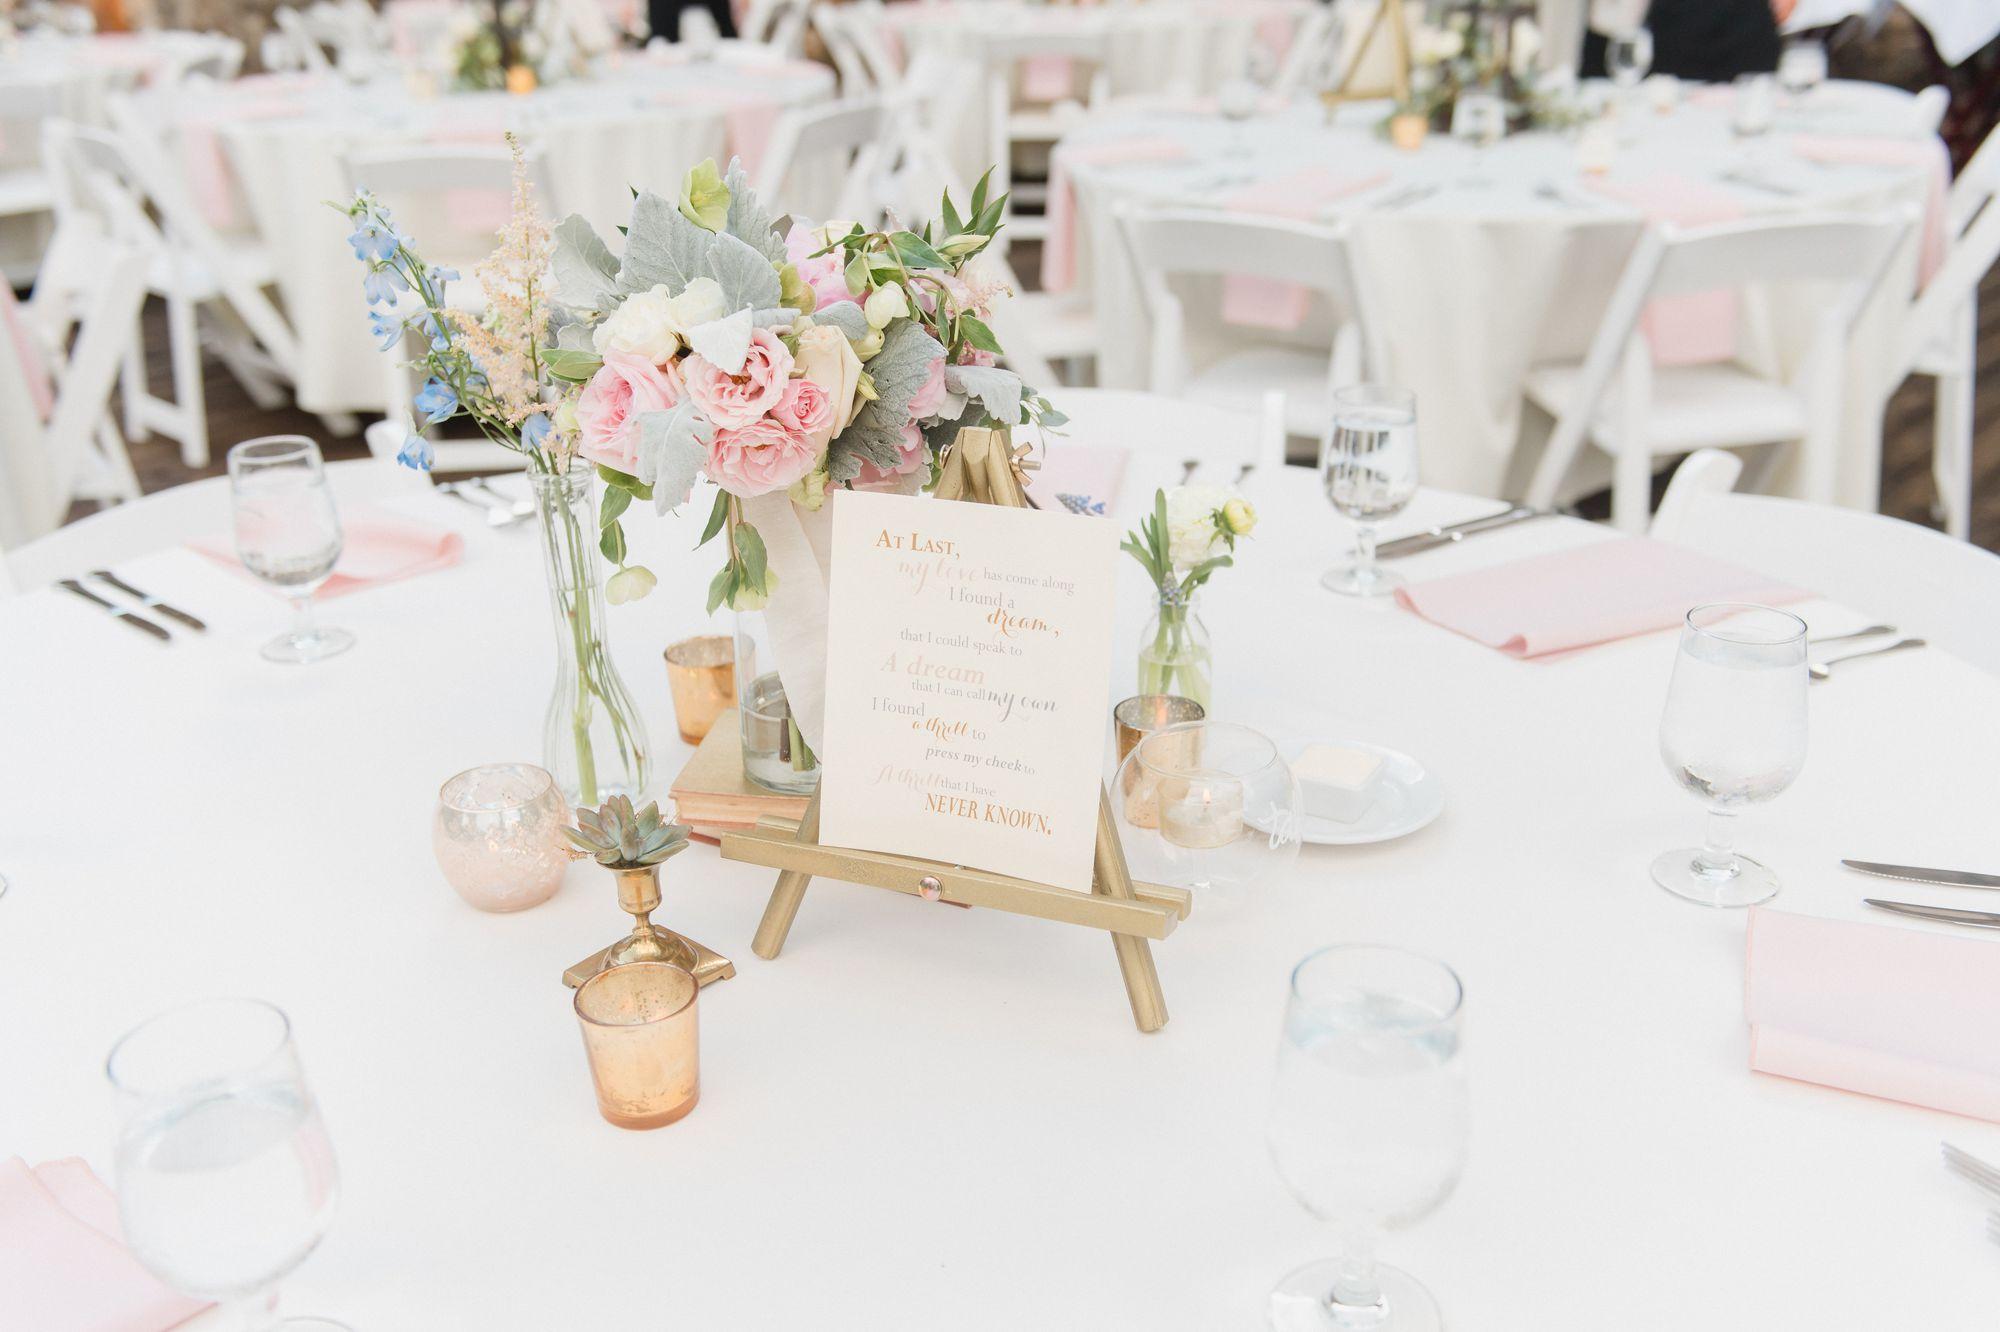 castle-ladyhawke-destination-wedding 54